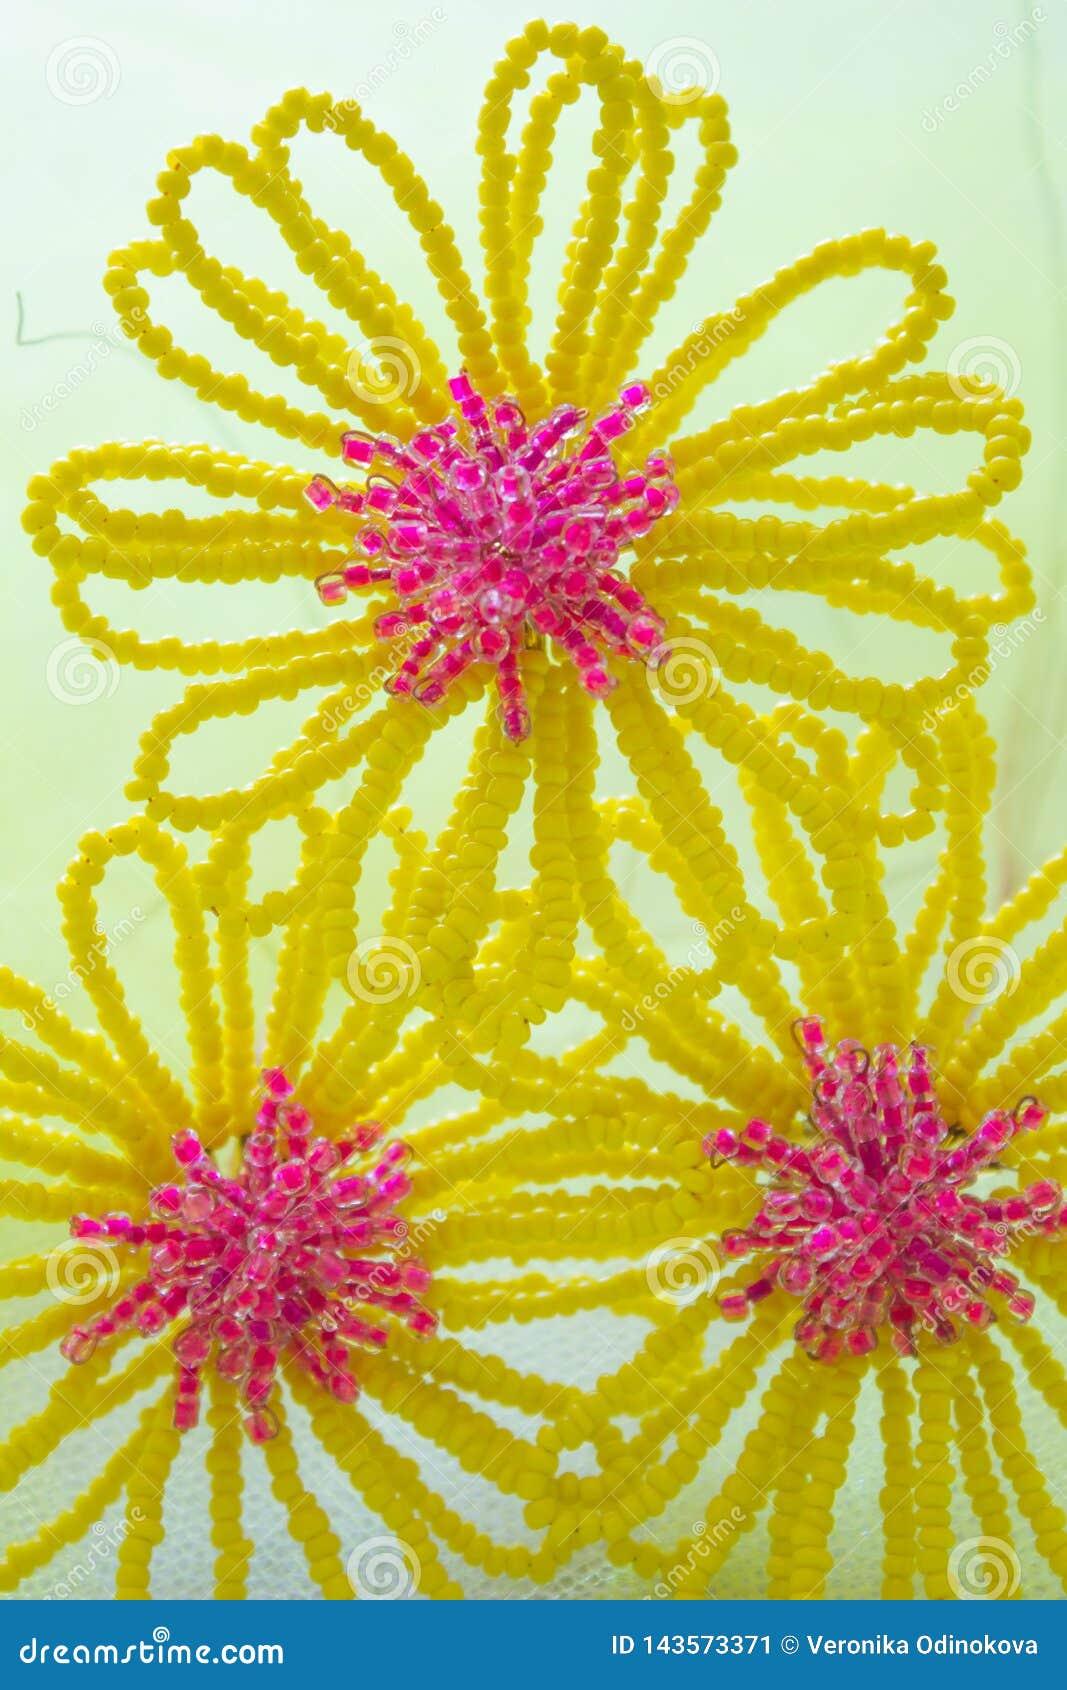 Drie Gele geparelde bloemen met een roze hart, op een gele vage achtergrond